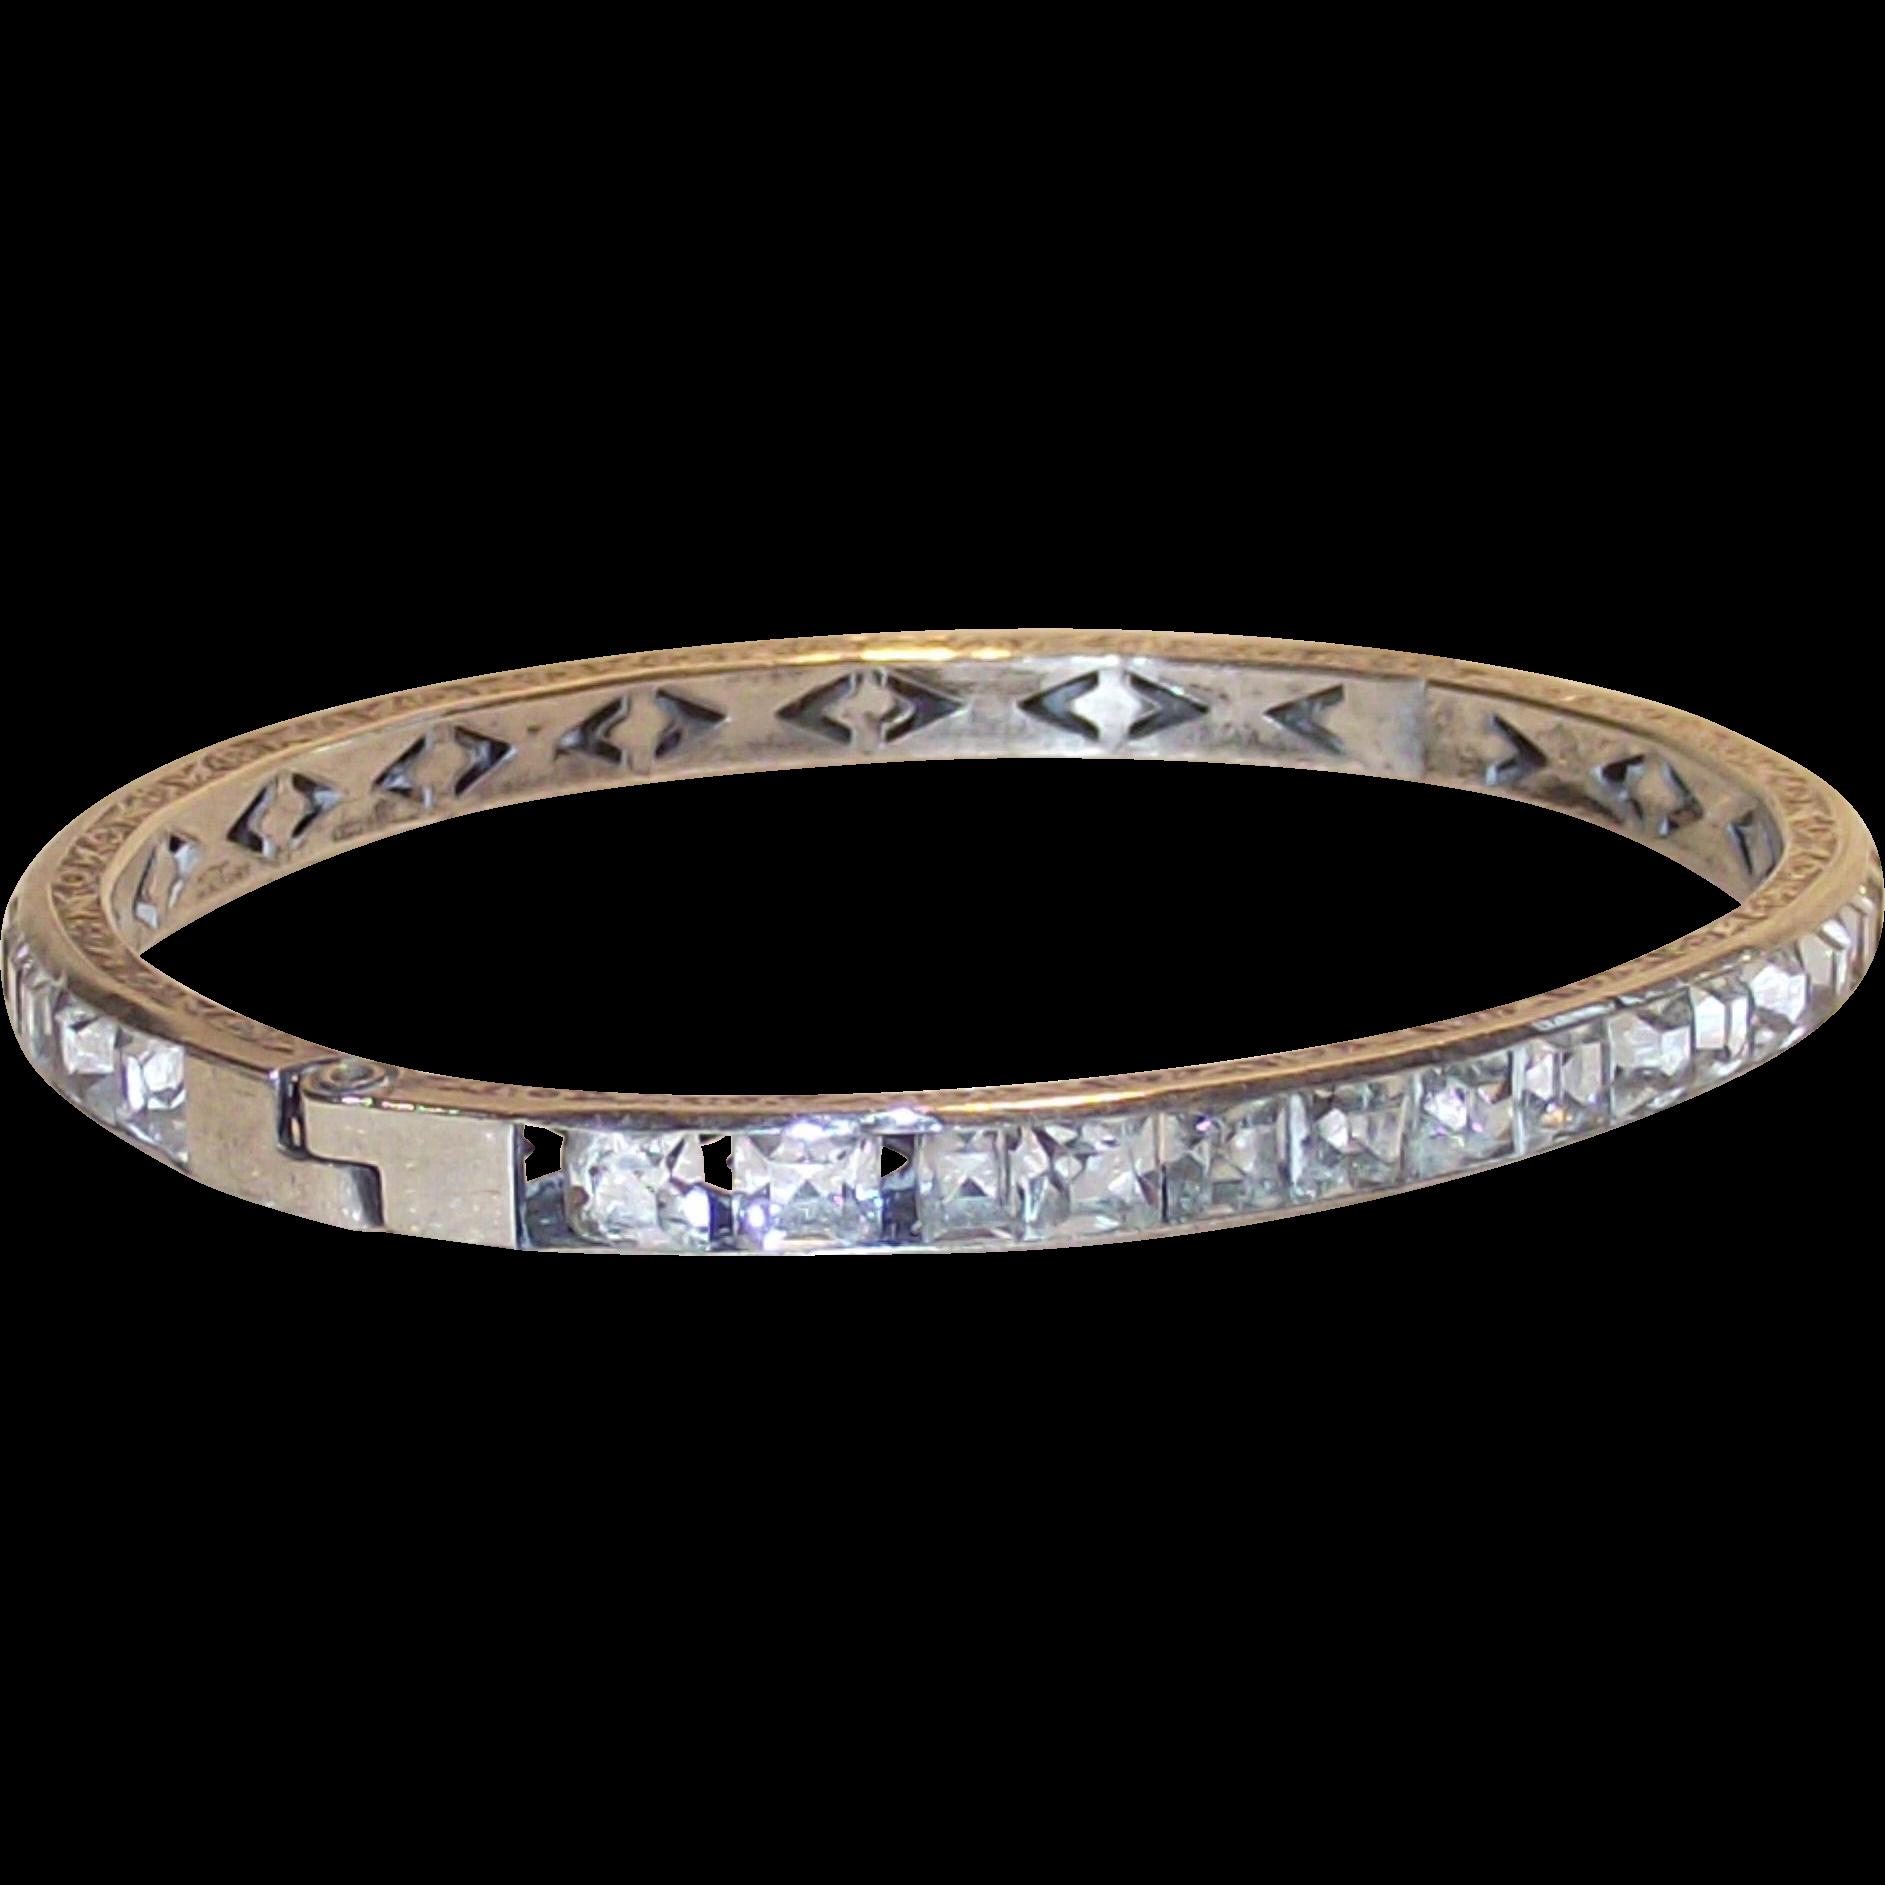 Vintage Art Deco Sterling Bangle Bracelet Clear Crystal Channel Set Stones  1920's